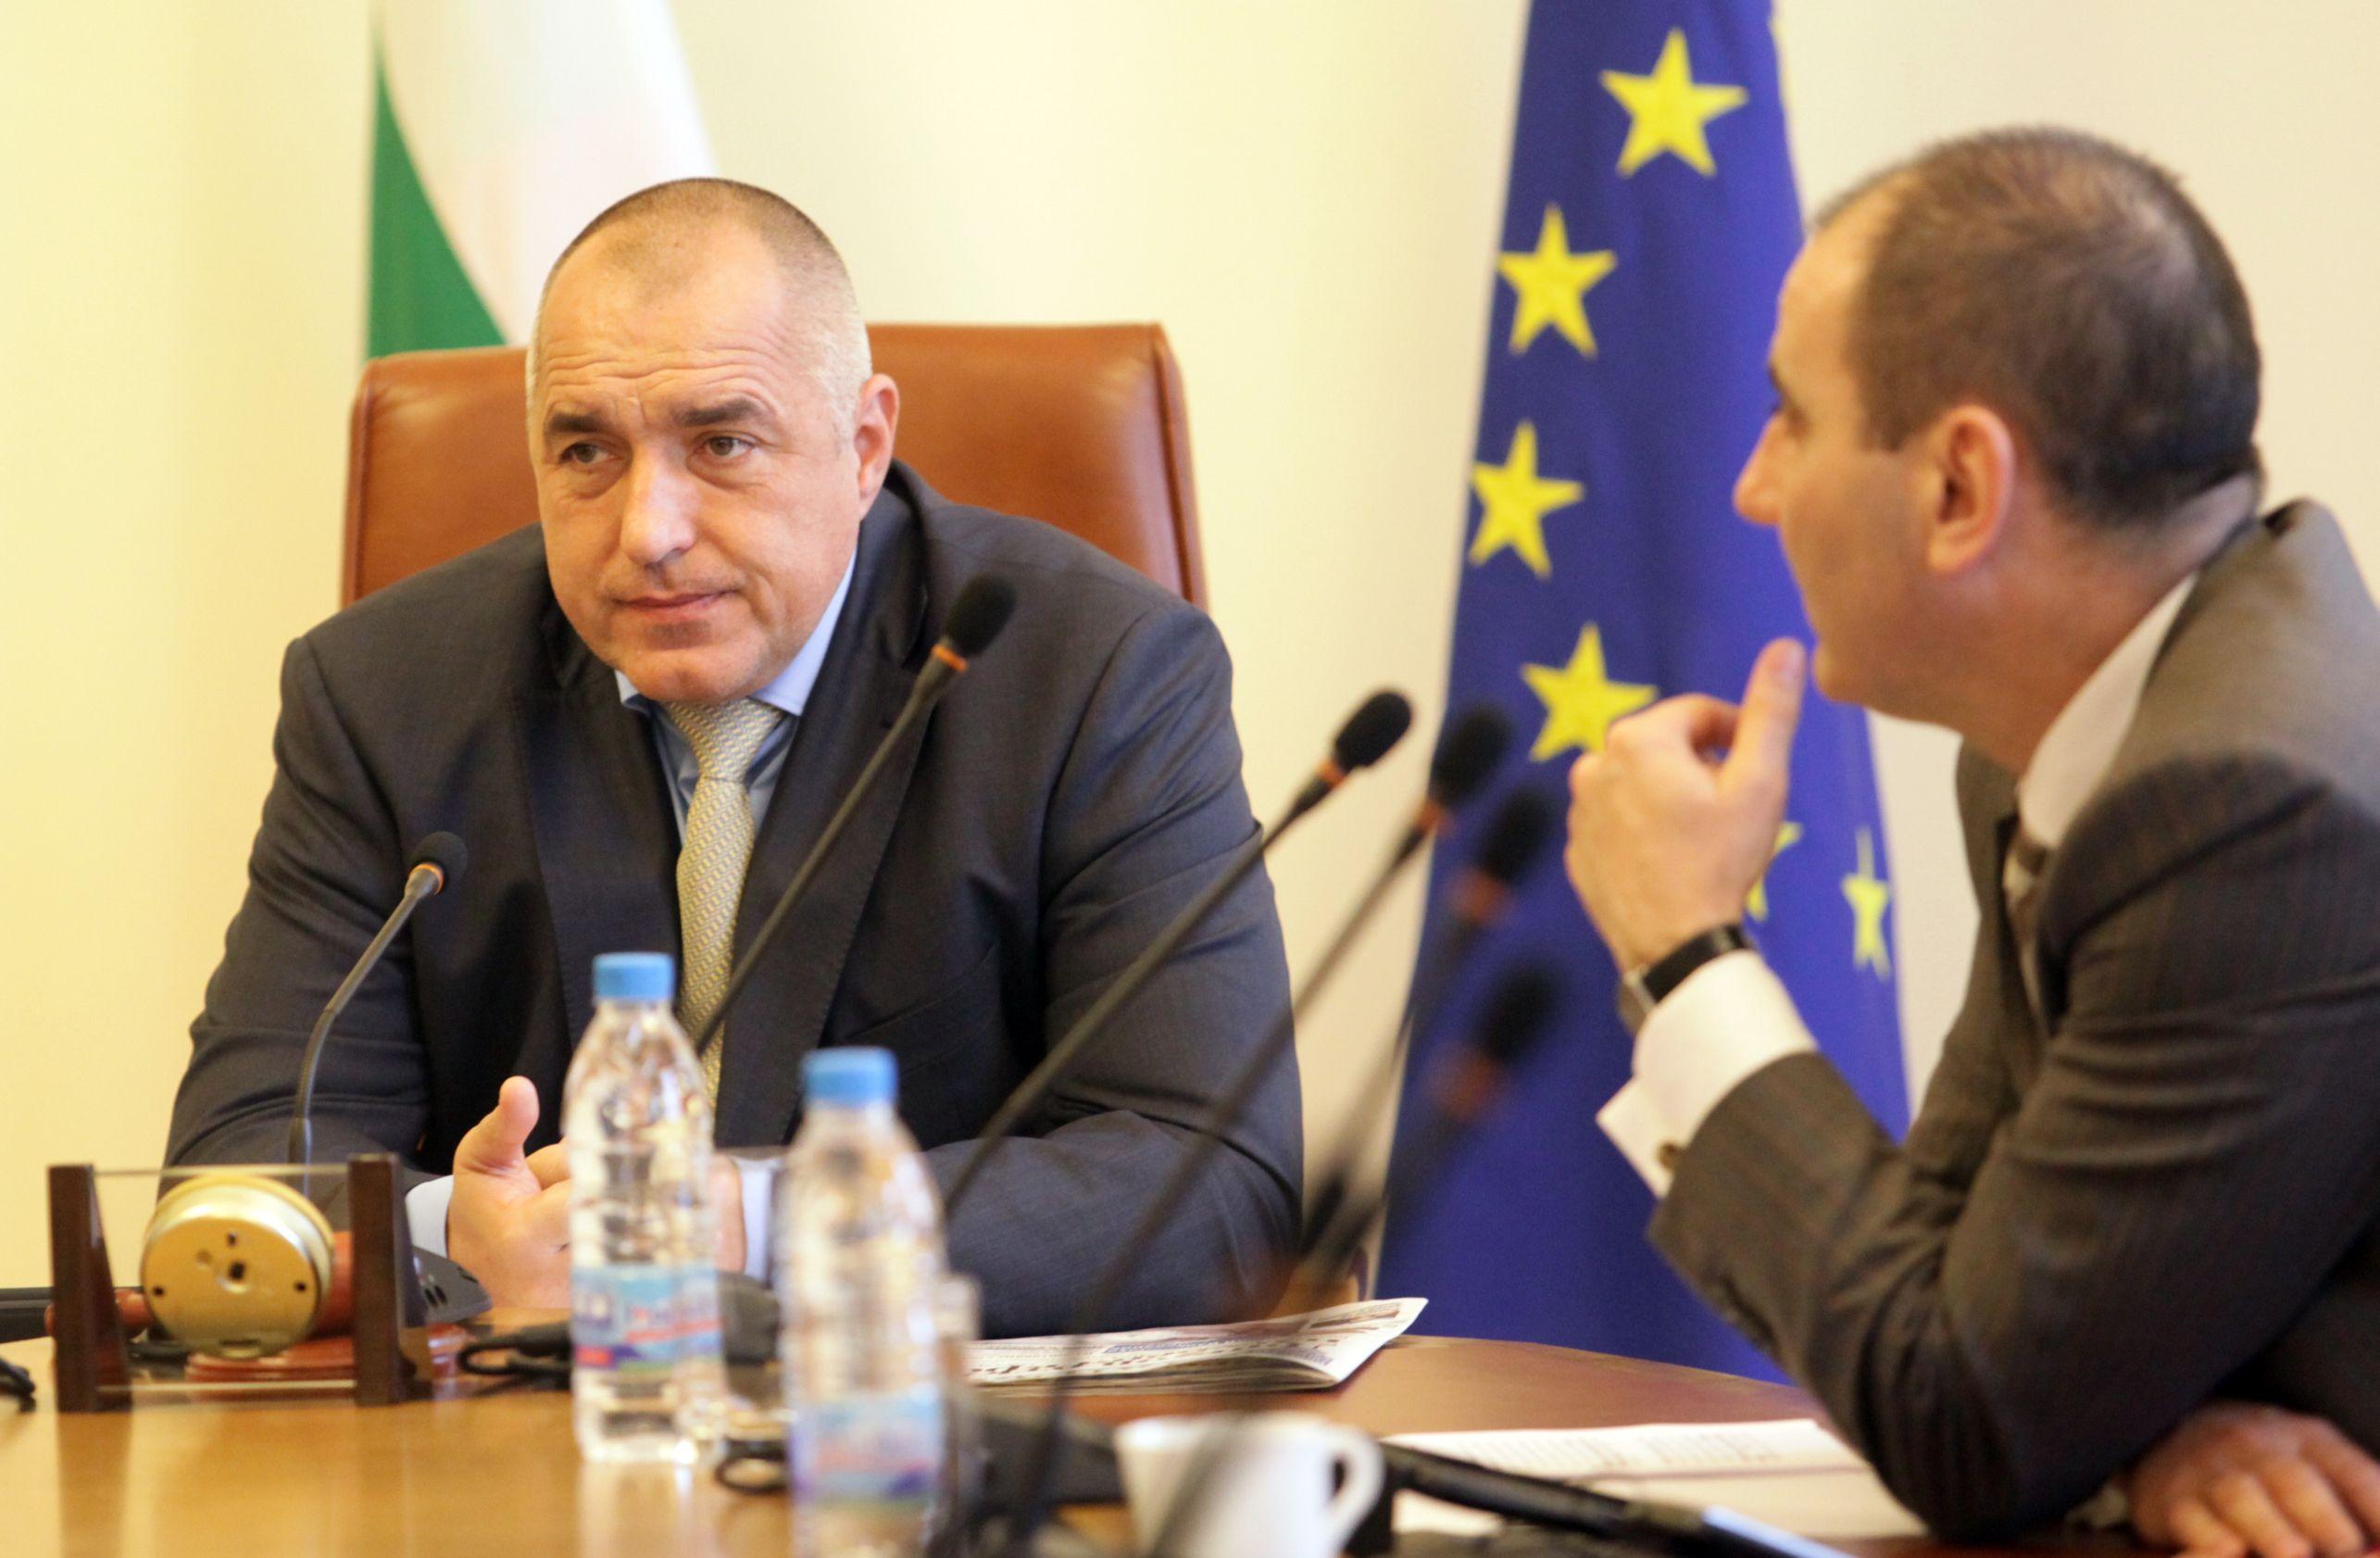 Борисов: Трайков само започва, не довършва, Делян Добрев ще продължи